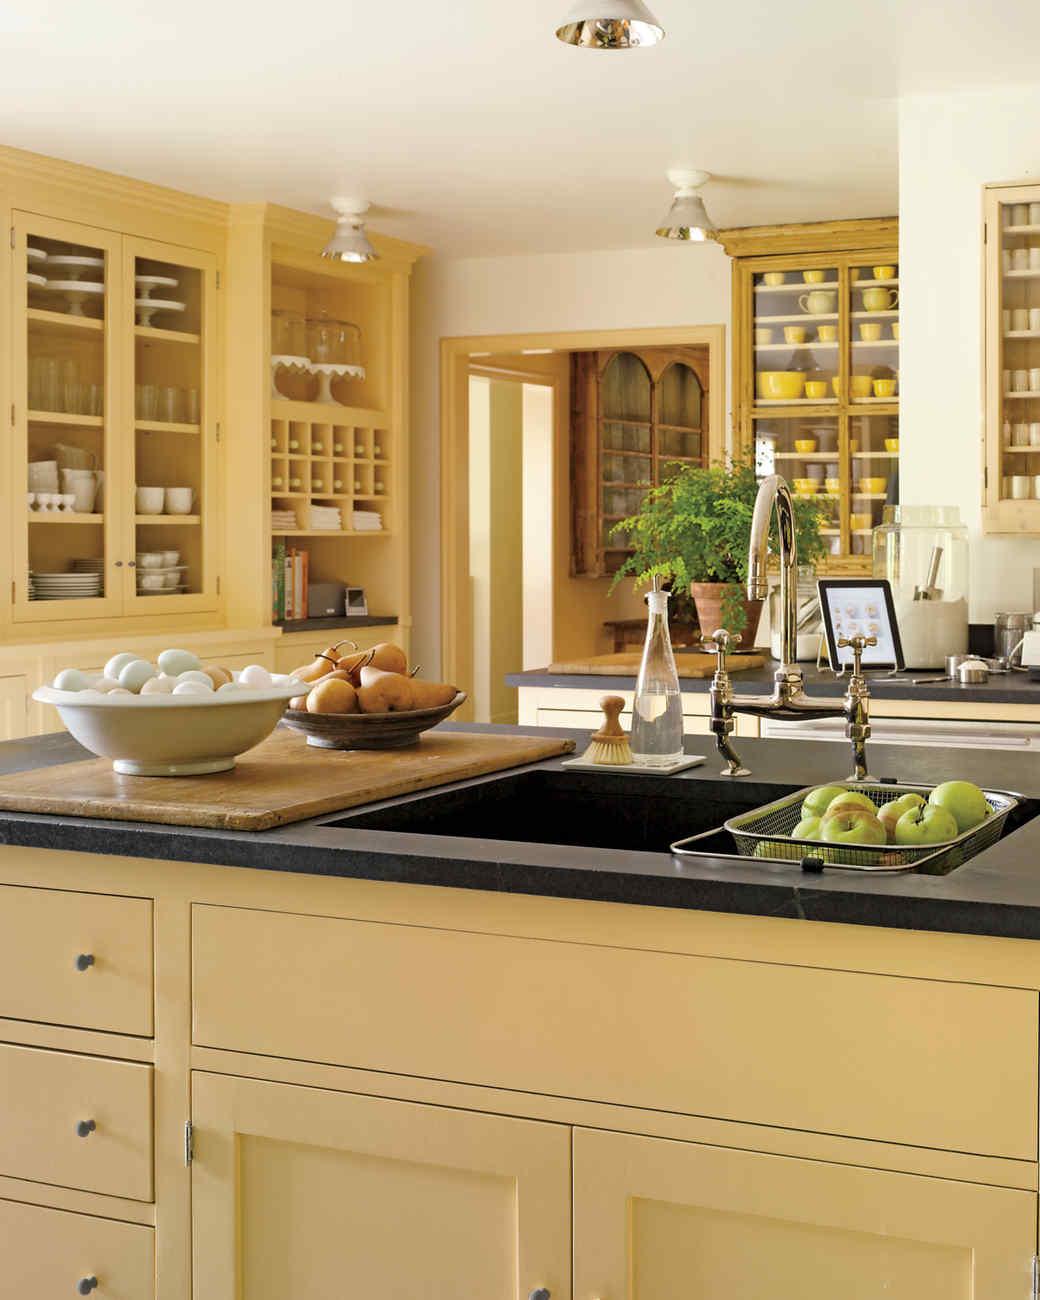 Marthau0027s Kitchen